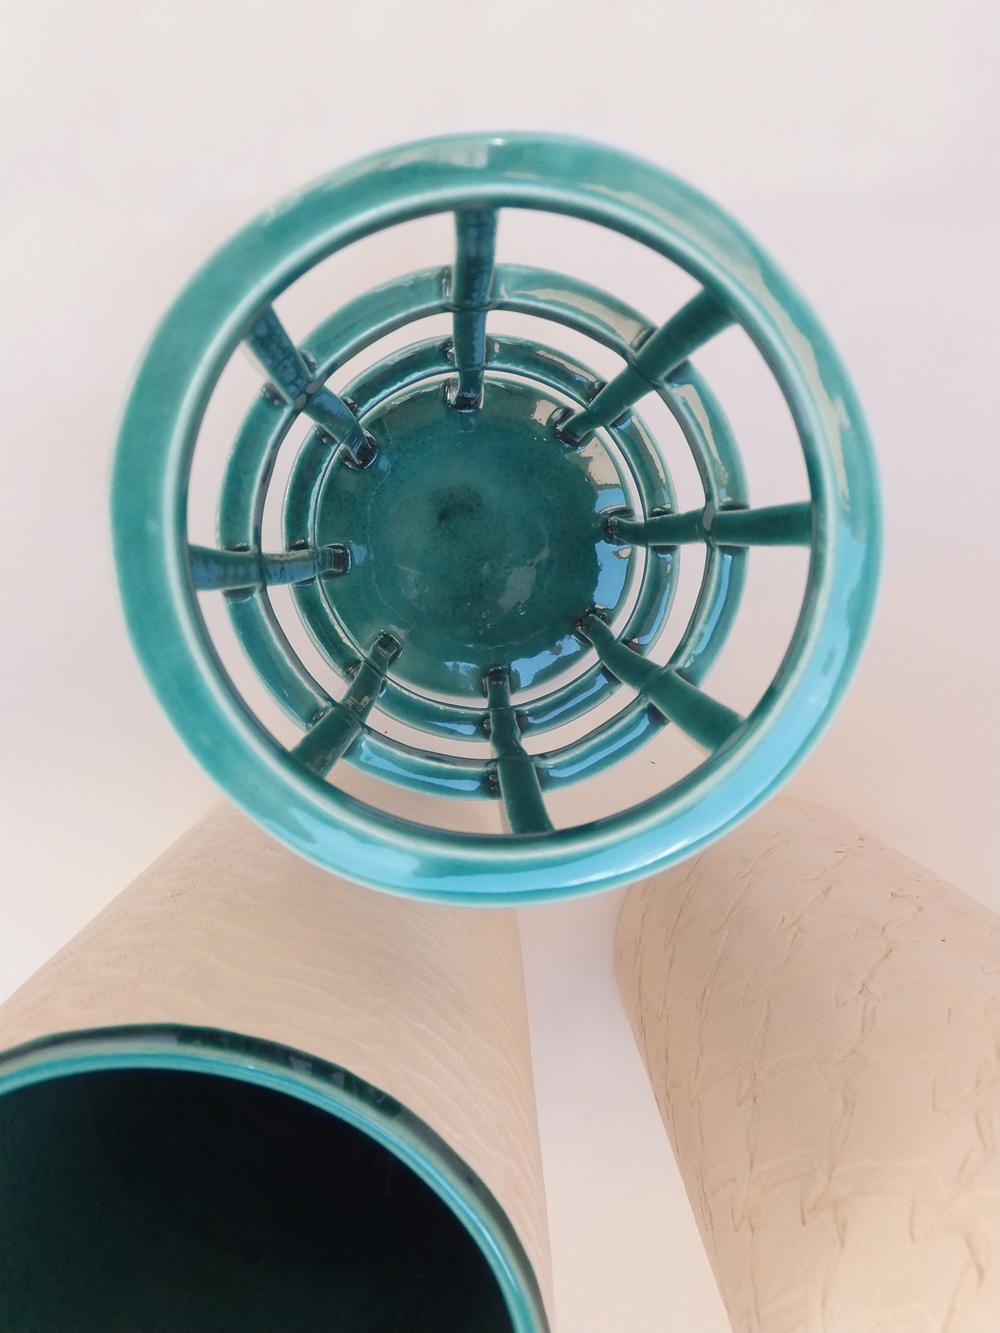 06_vasi ceramica 012_Silvia Fanticelli